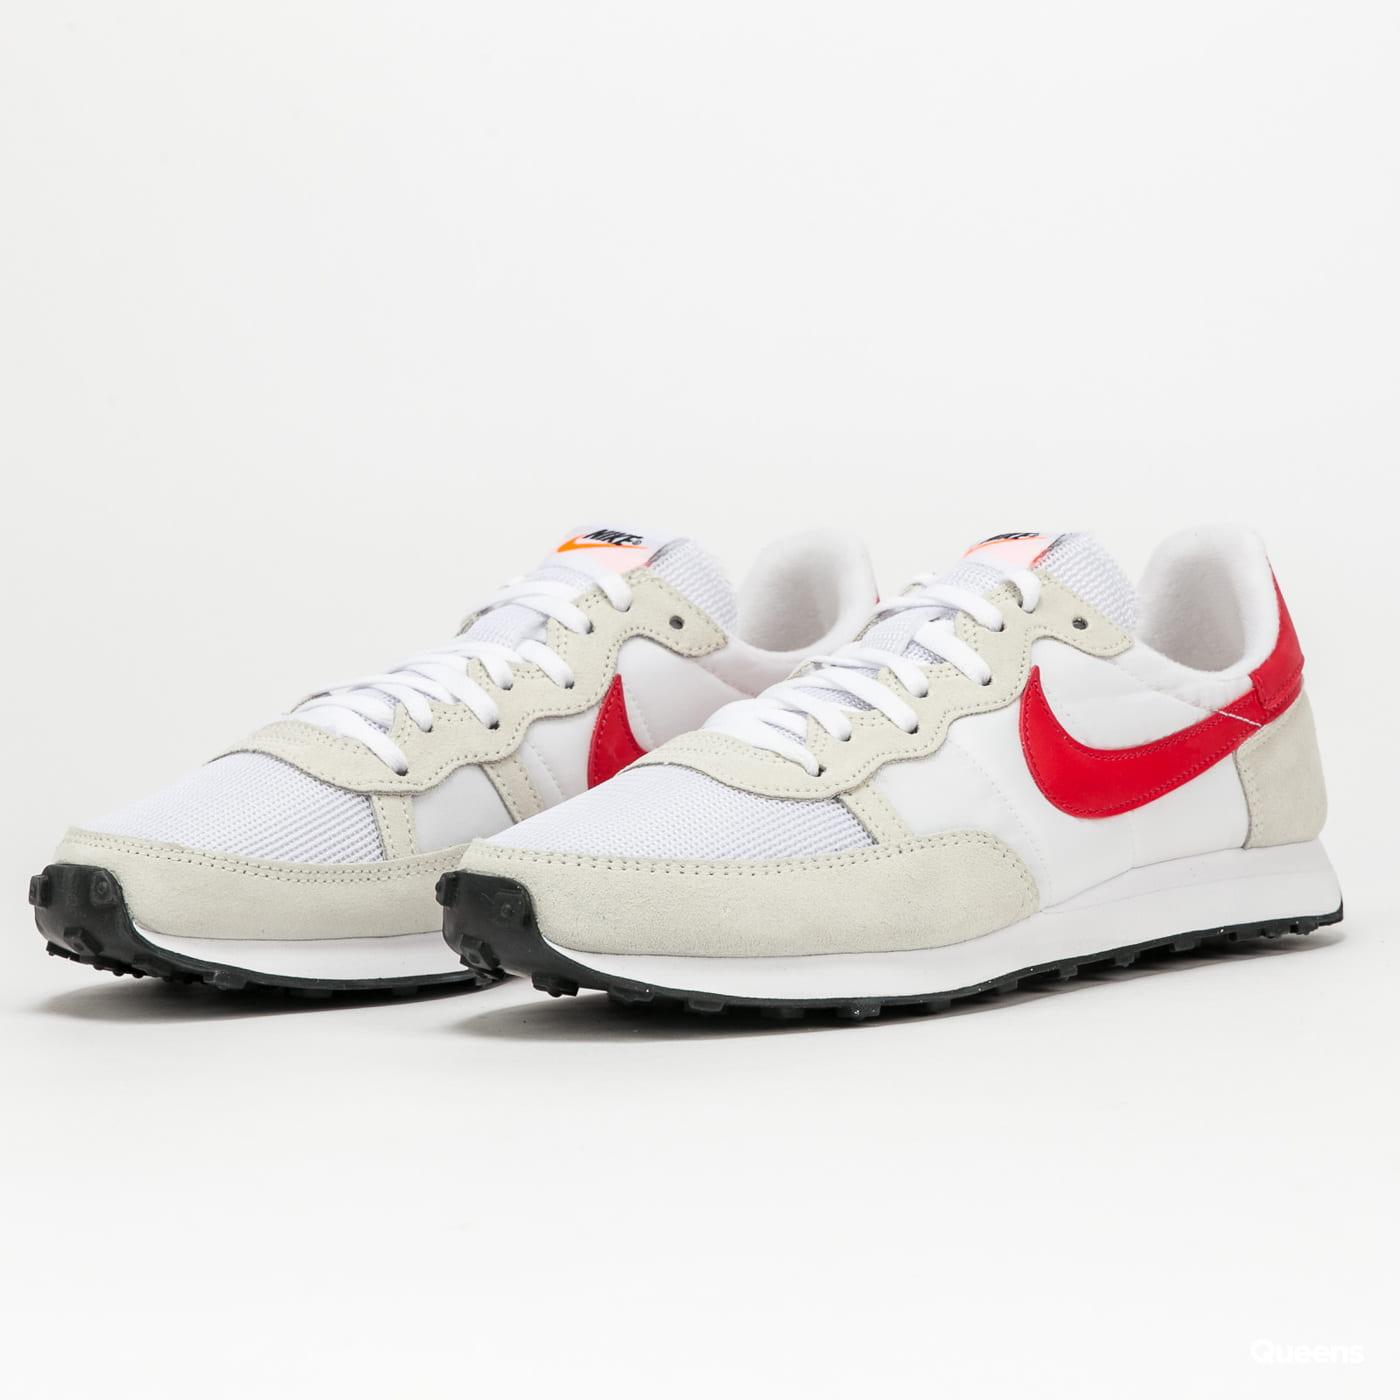 Nike Challenger OG white / university red